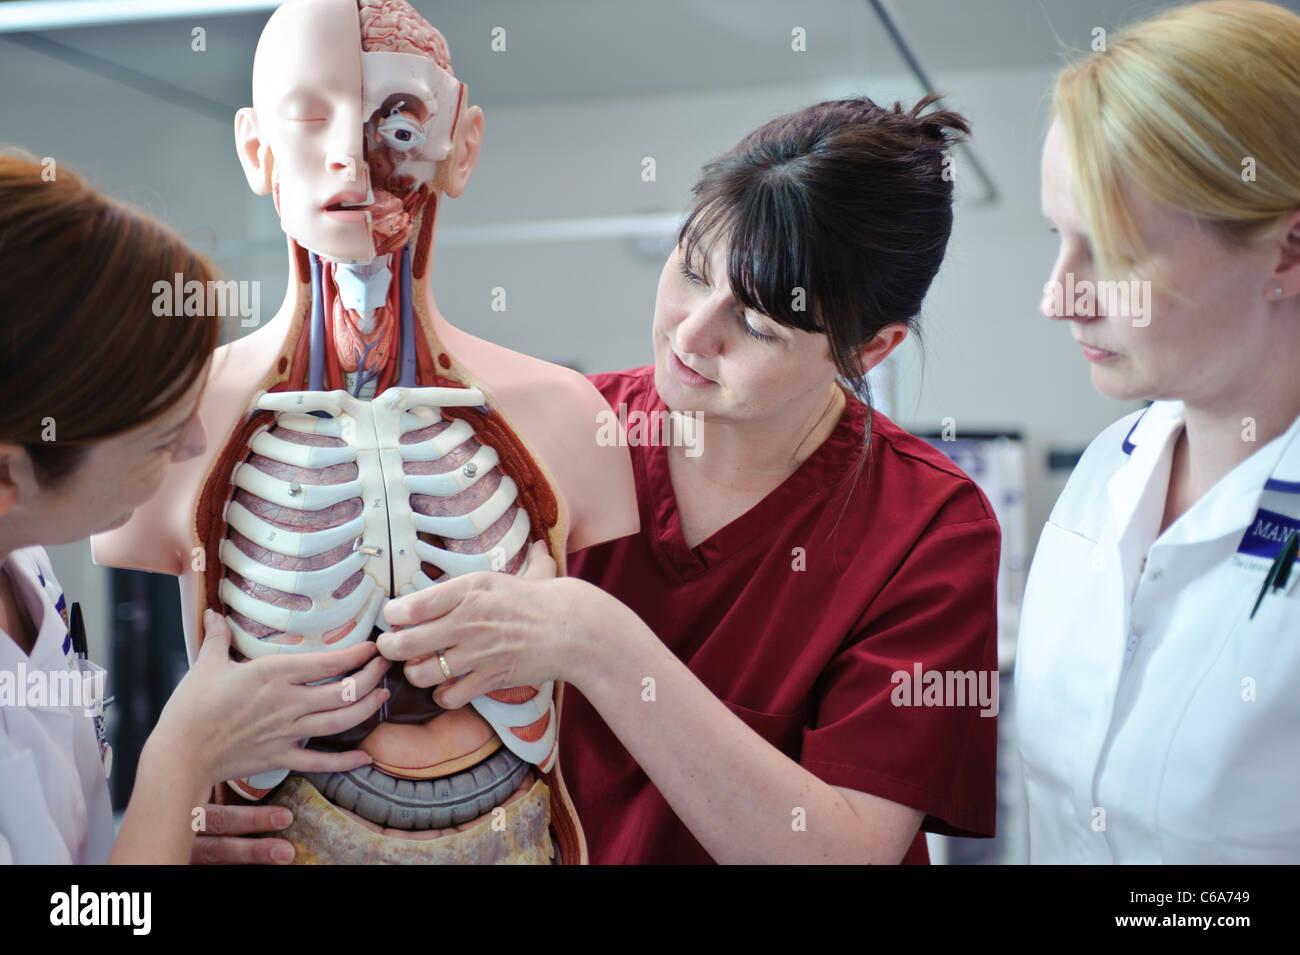 Studentin weißen Krankenschwestern und Lehrer, die Interaktion mit menschlichen Anatomie anatomische Modell Stockbild